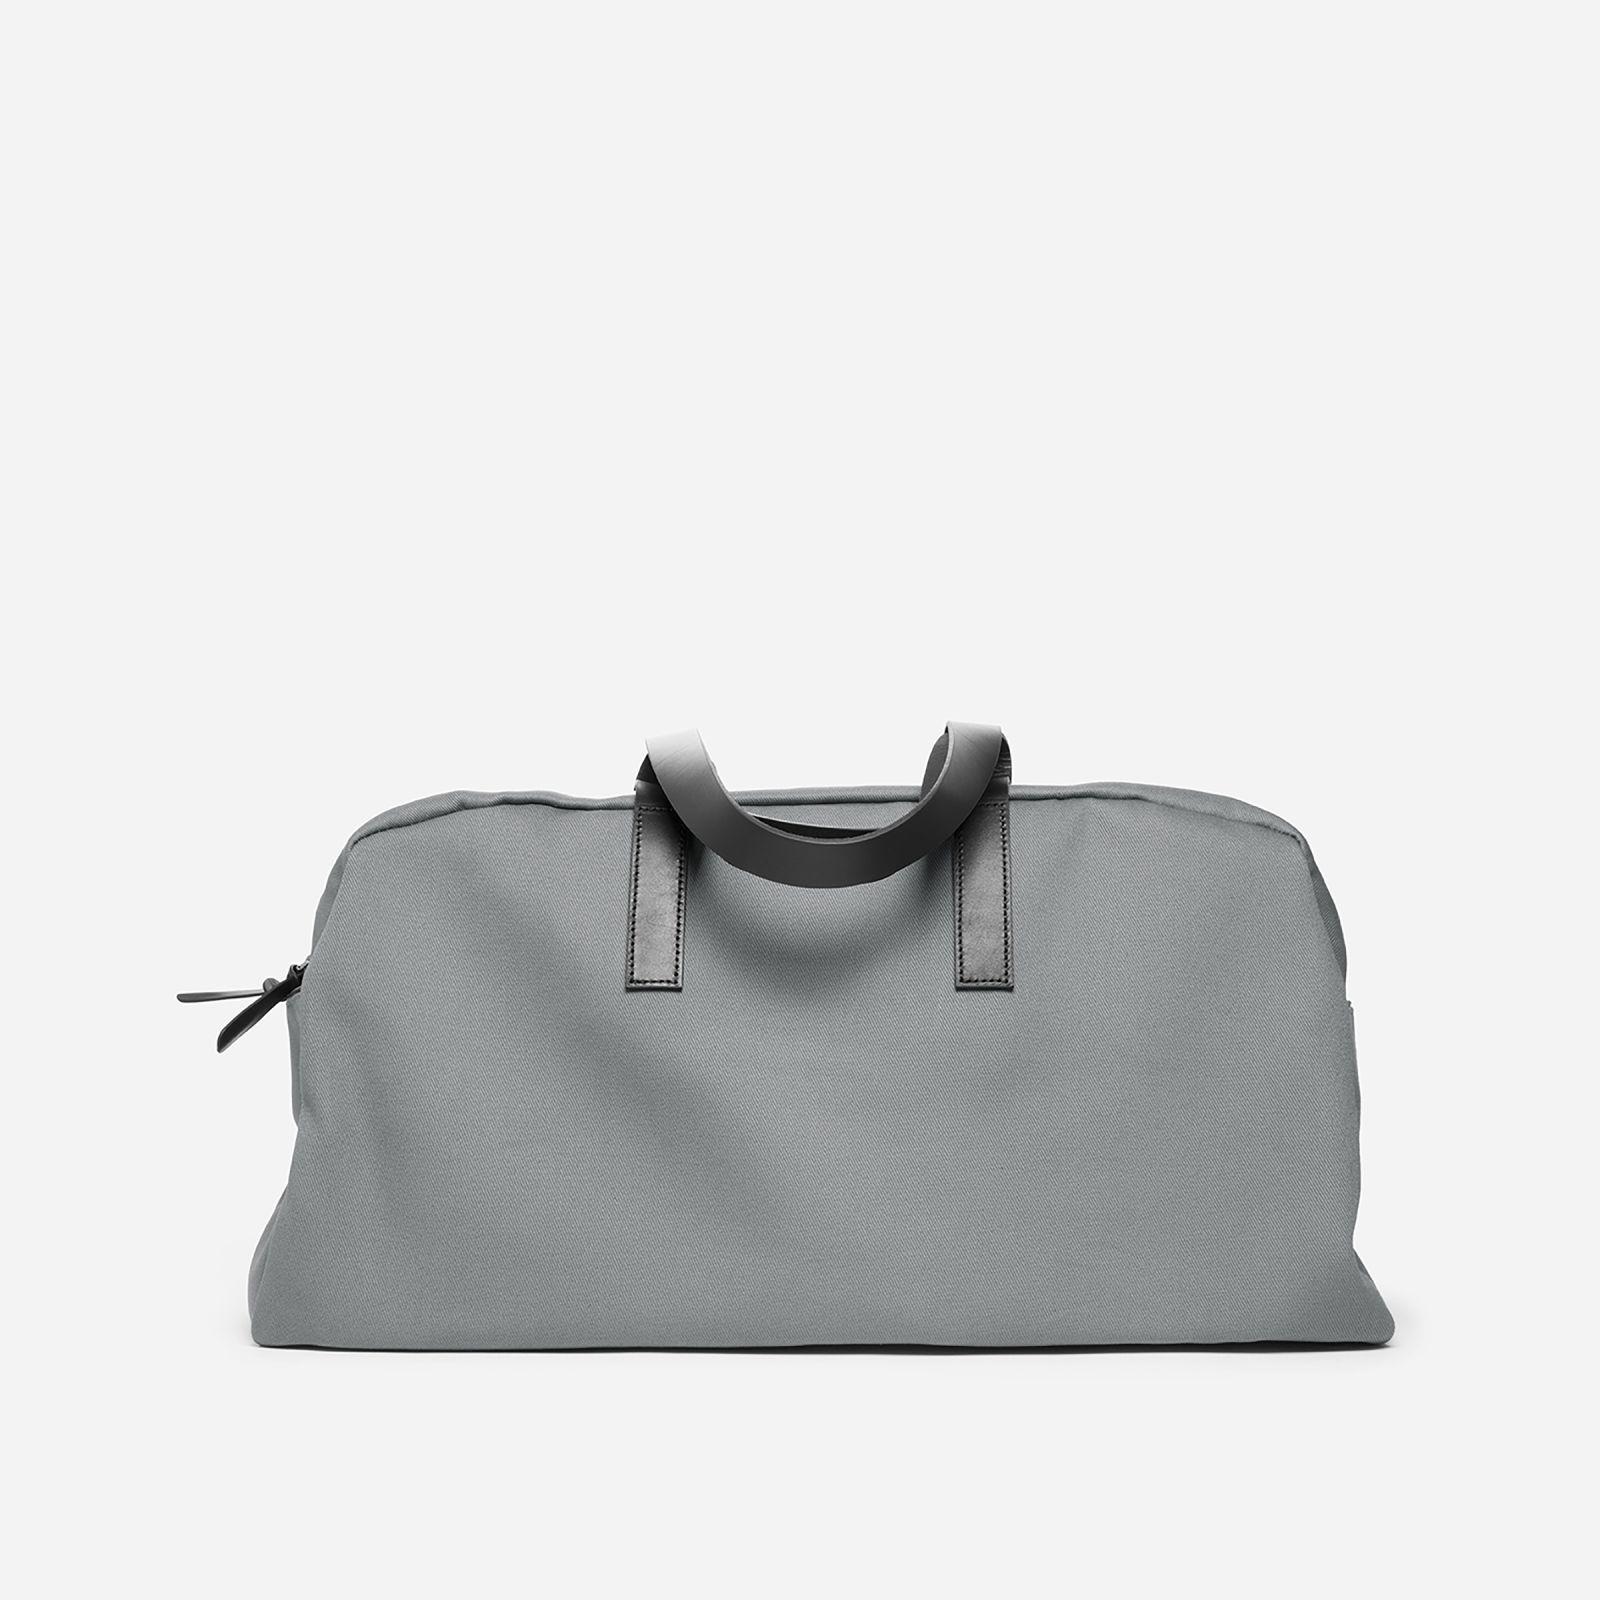 twill weekender bag by everlane in grey/black